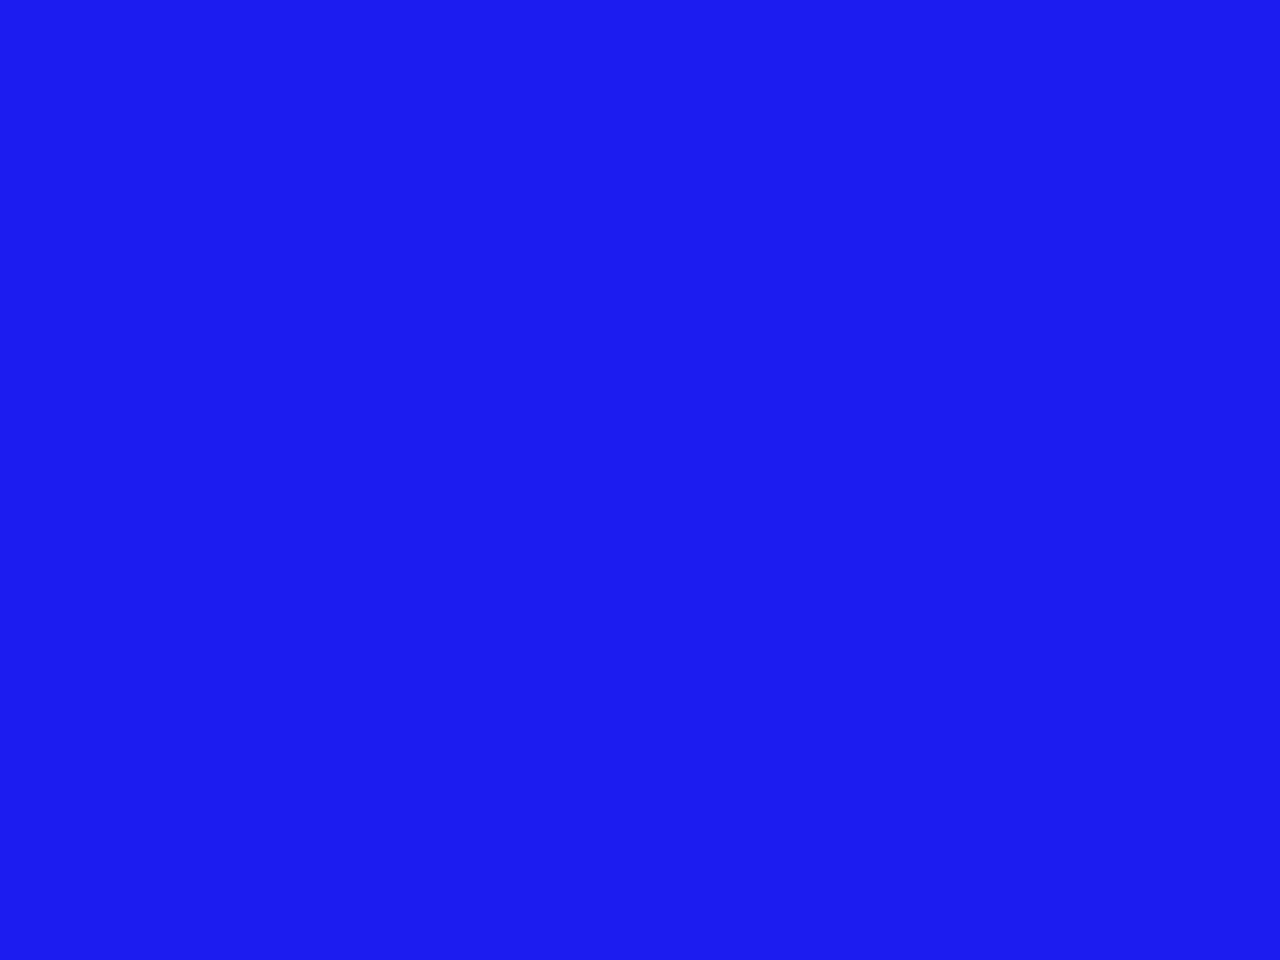 1280x960 Bluebonnet Solid Color Background